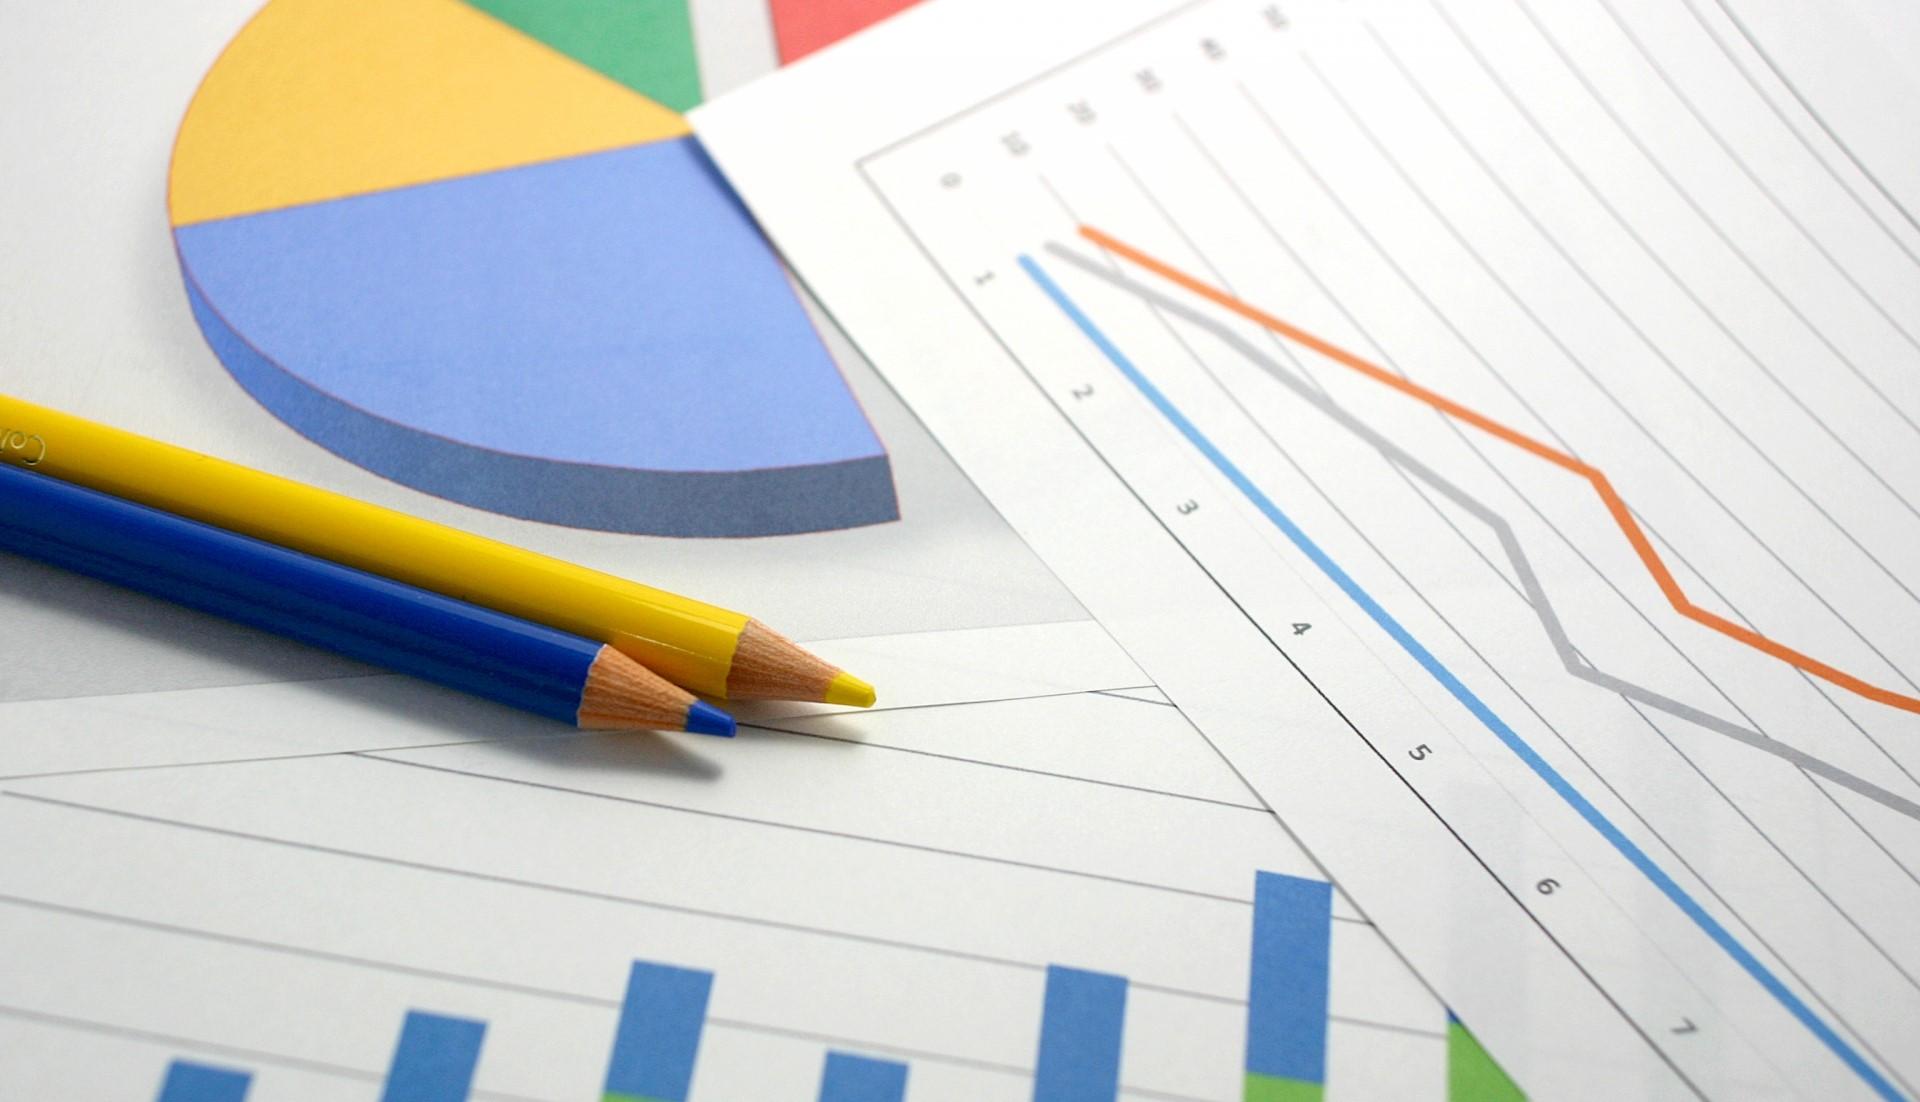 市場調査のやり方